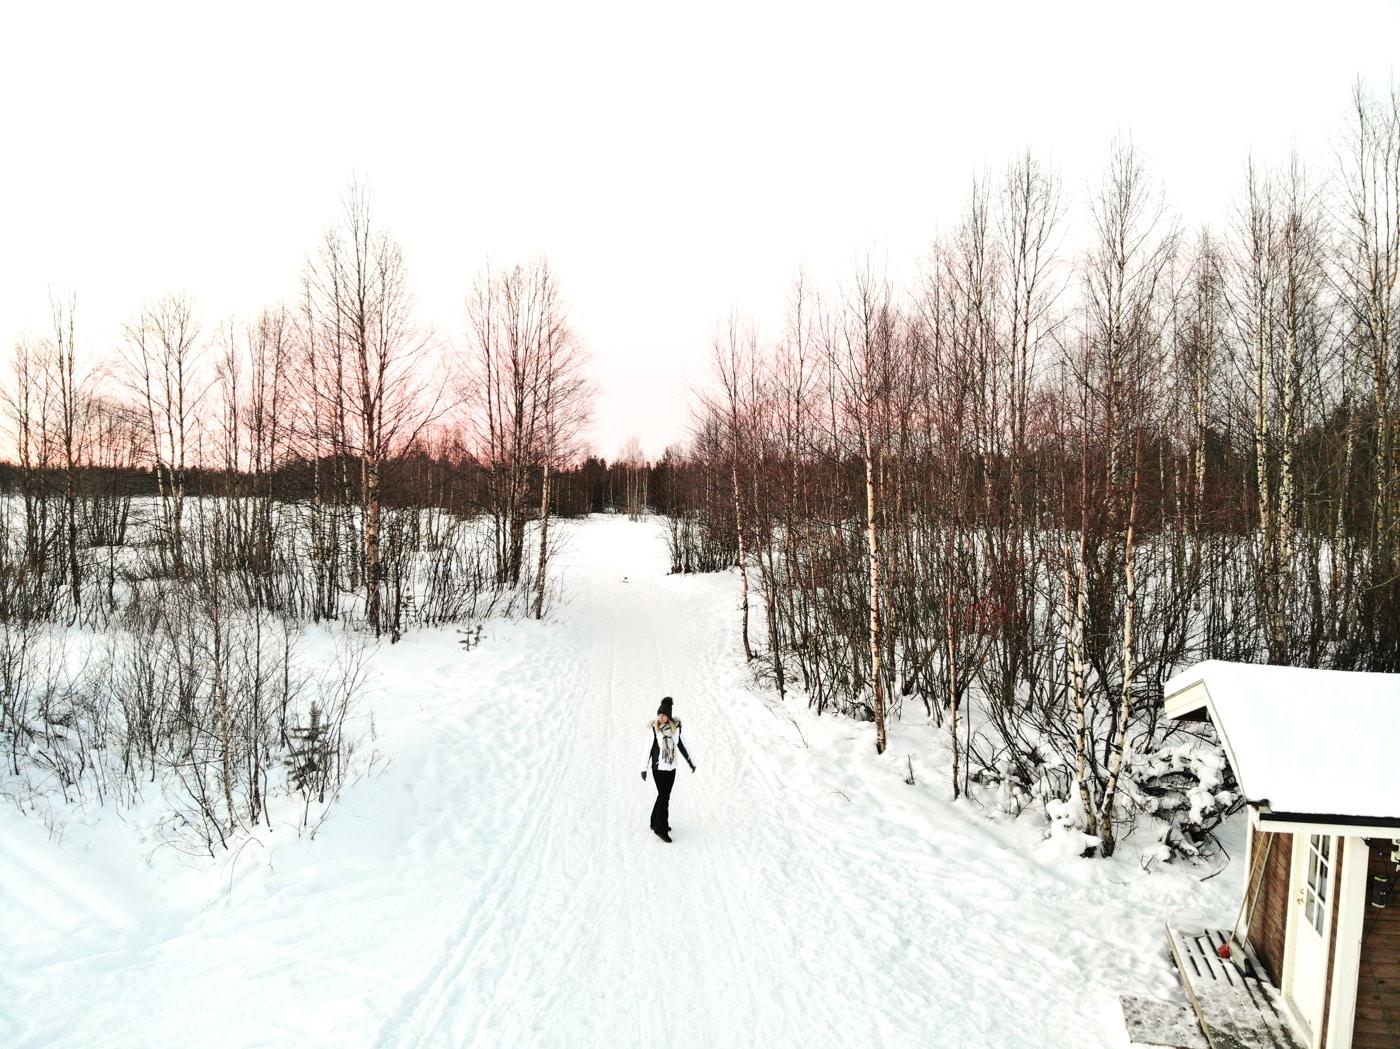 DJI 0025 - Récap de notre voyage en Laponie Finlandaise